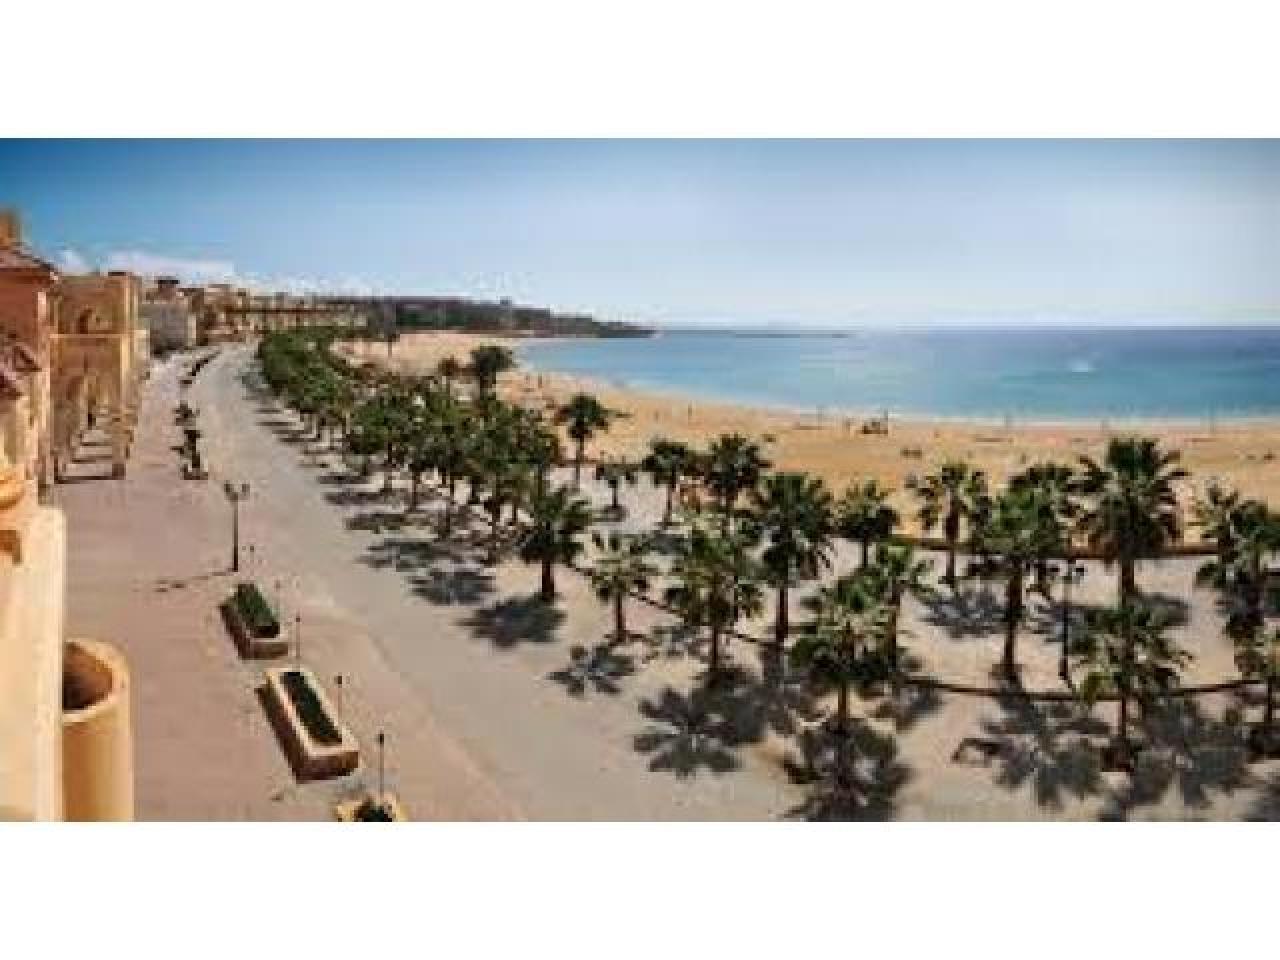 Недвижимость на берегу Красного моря, Хургада, Египет - 7